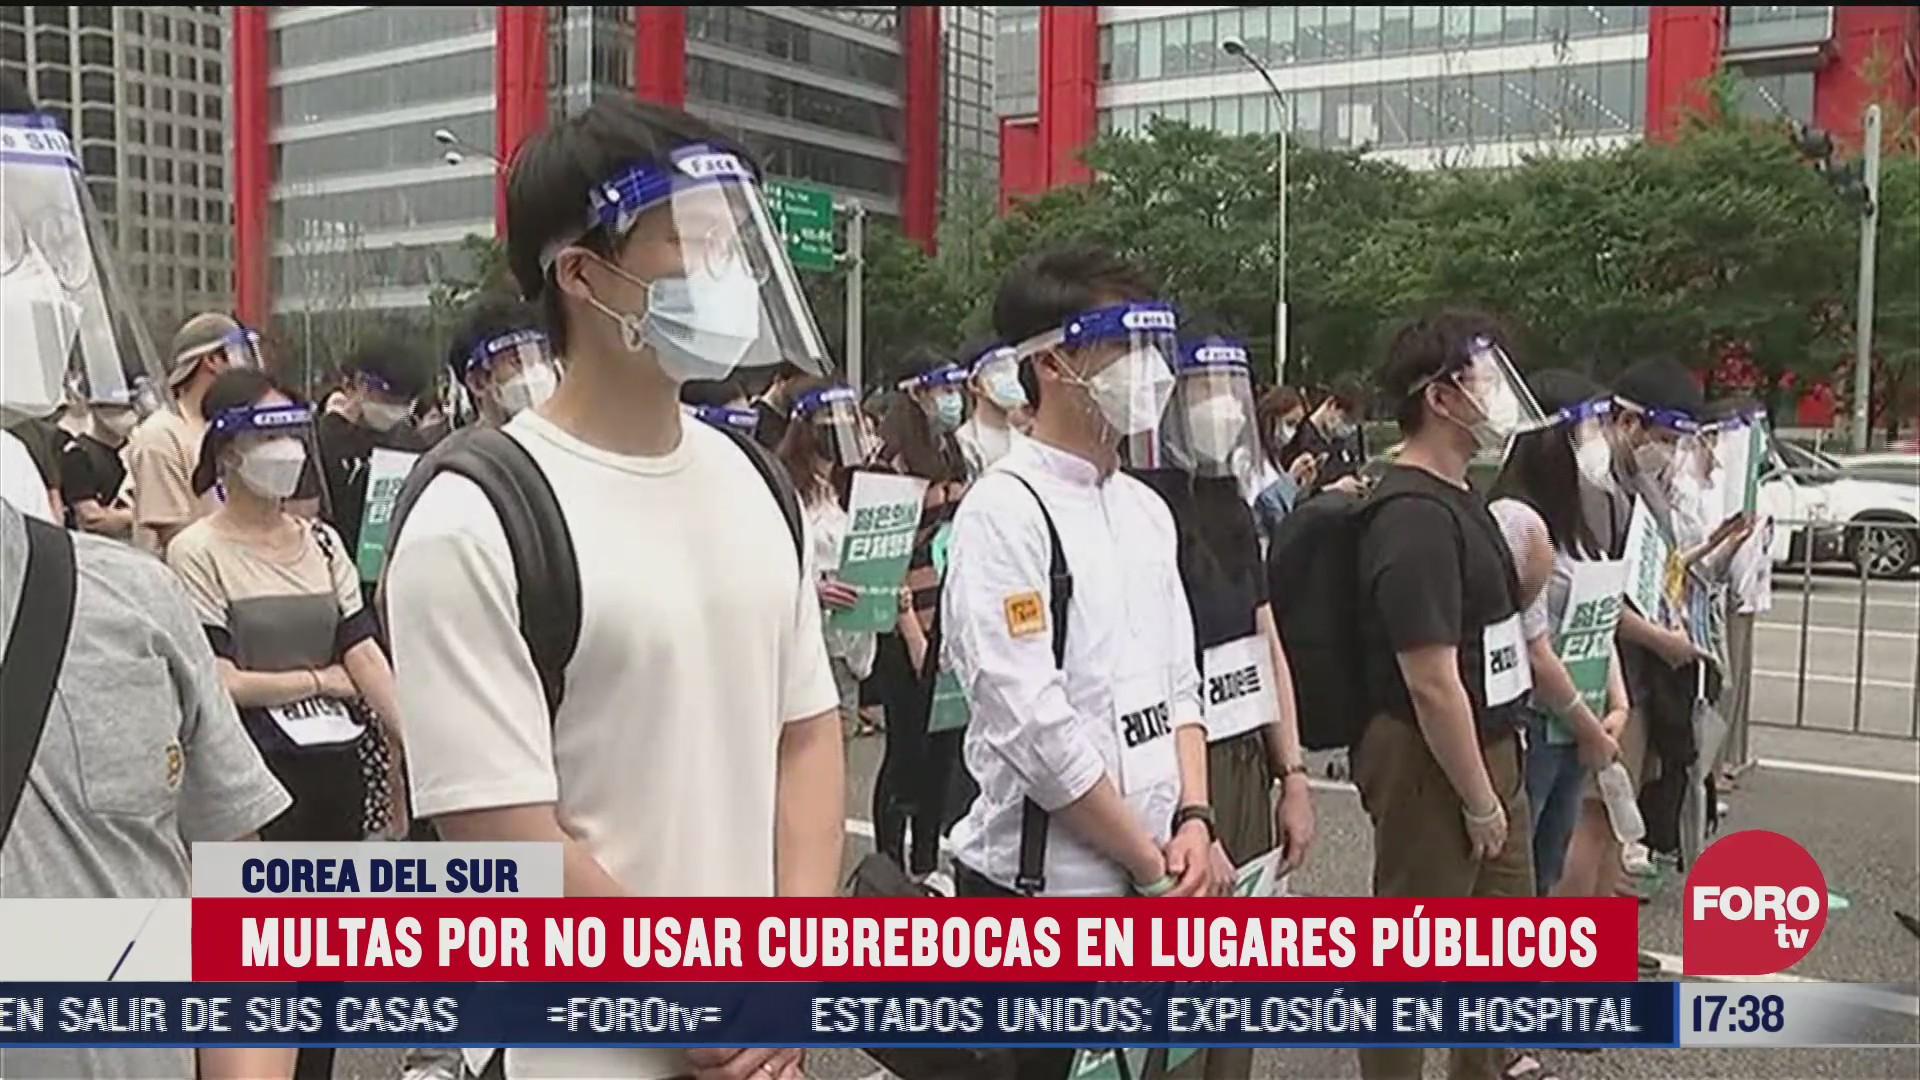 corea del sur impone multas a quienes no usan cubrebocas